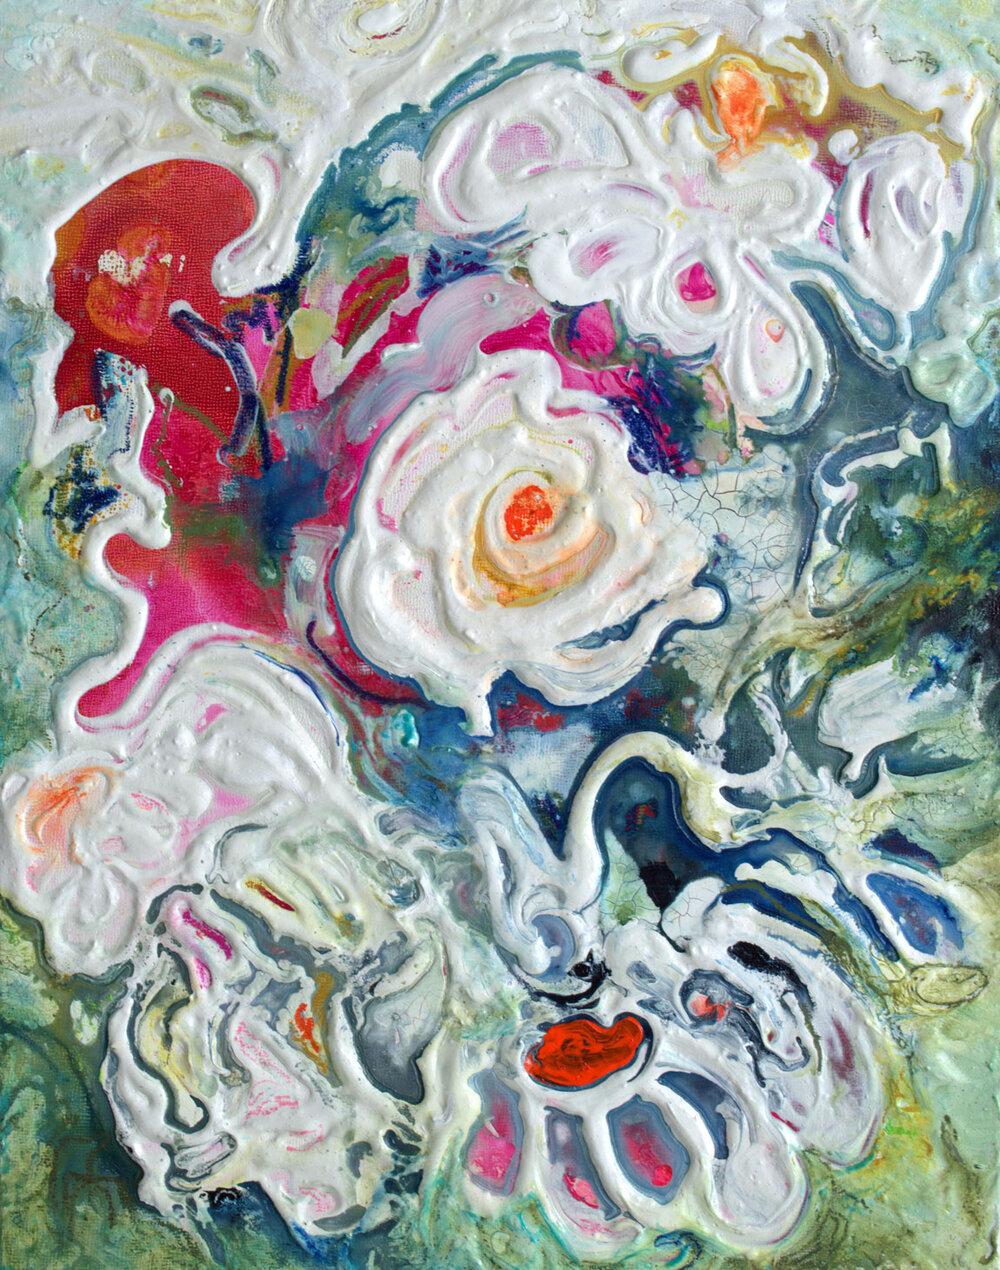 Vivacious Floral X - 14 x 11